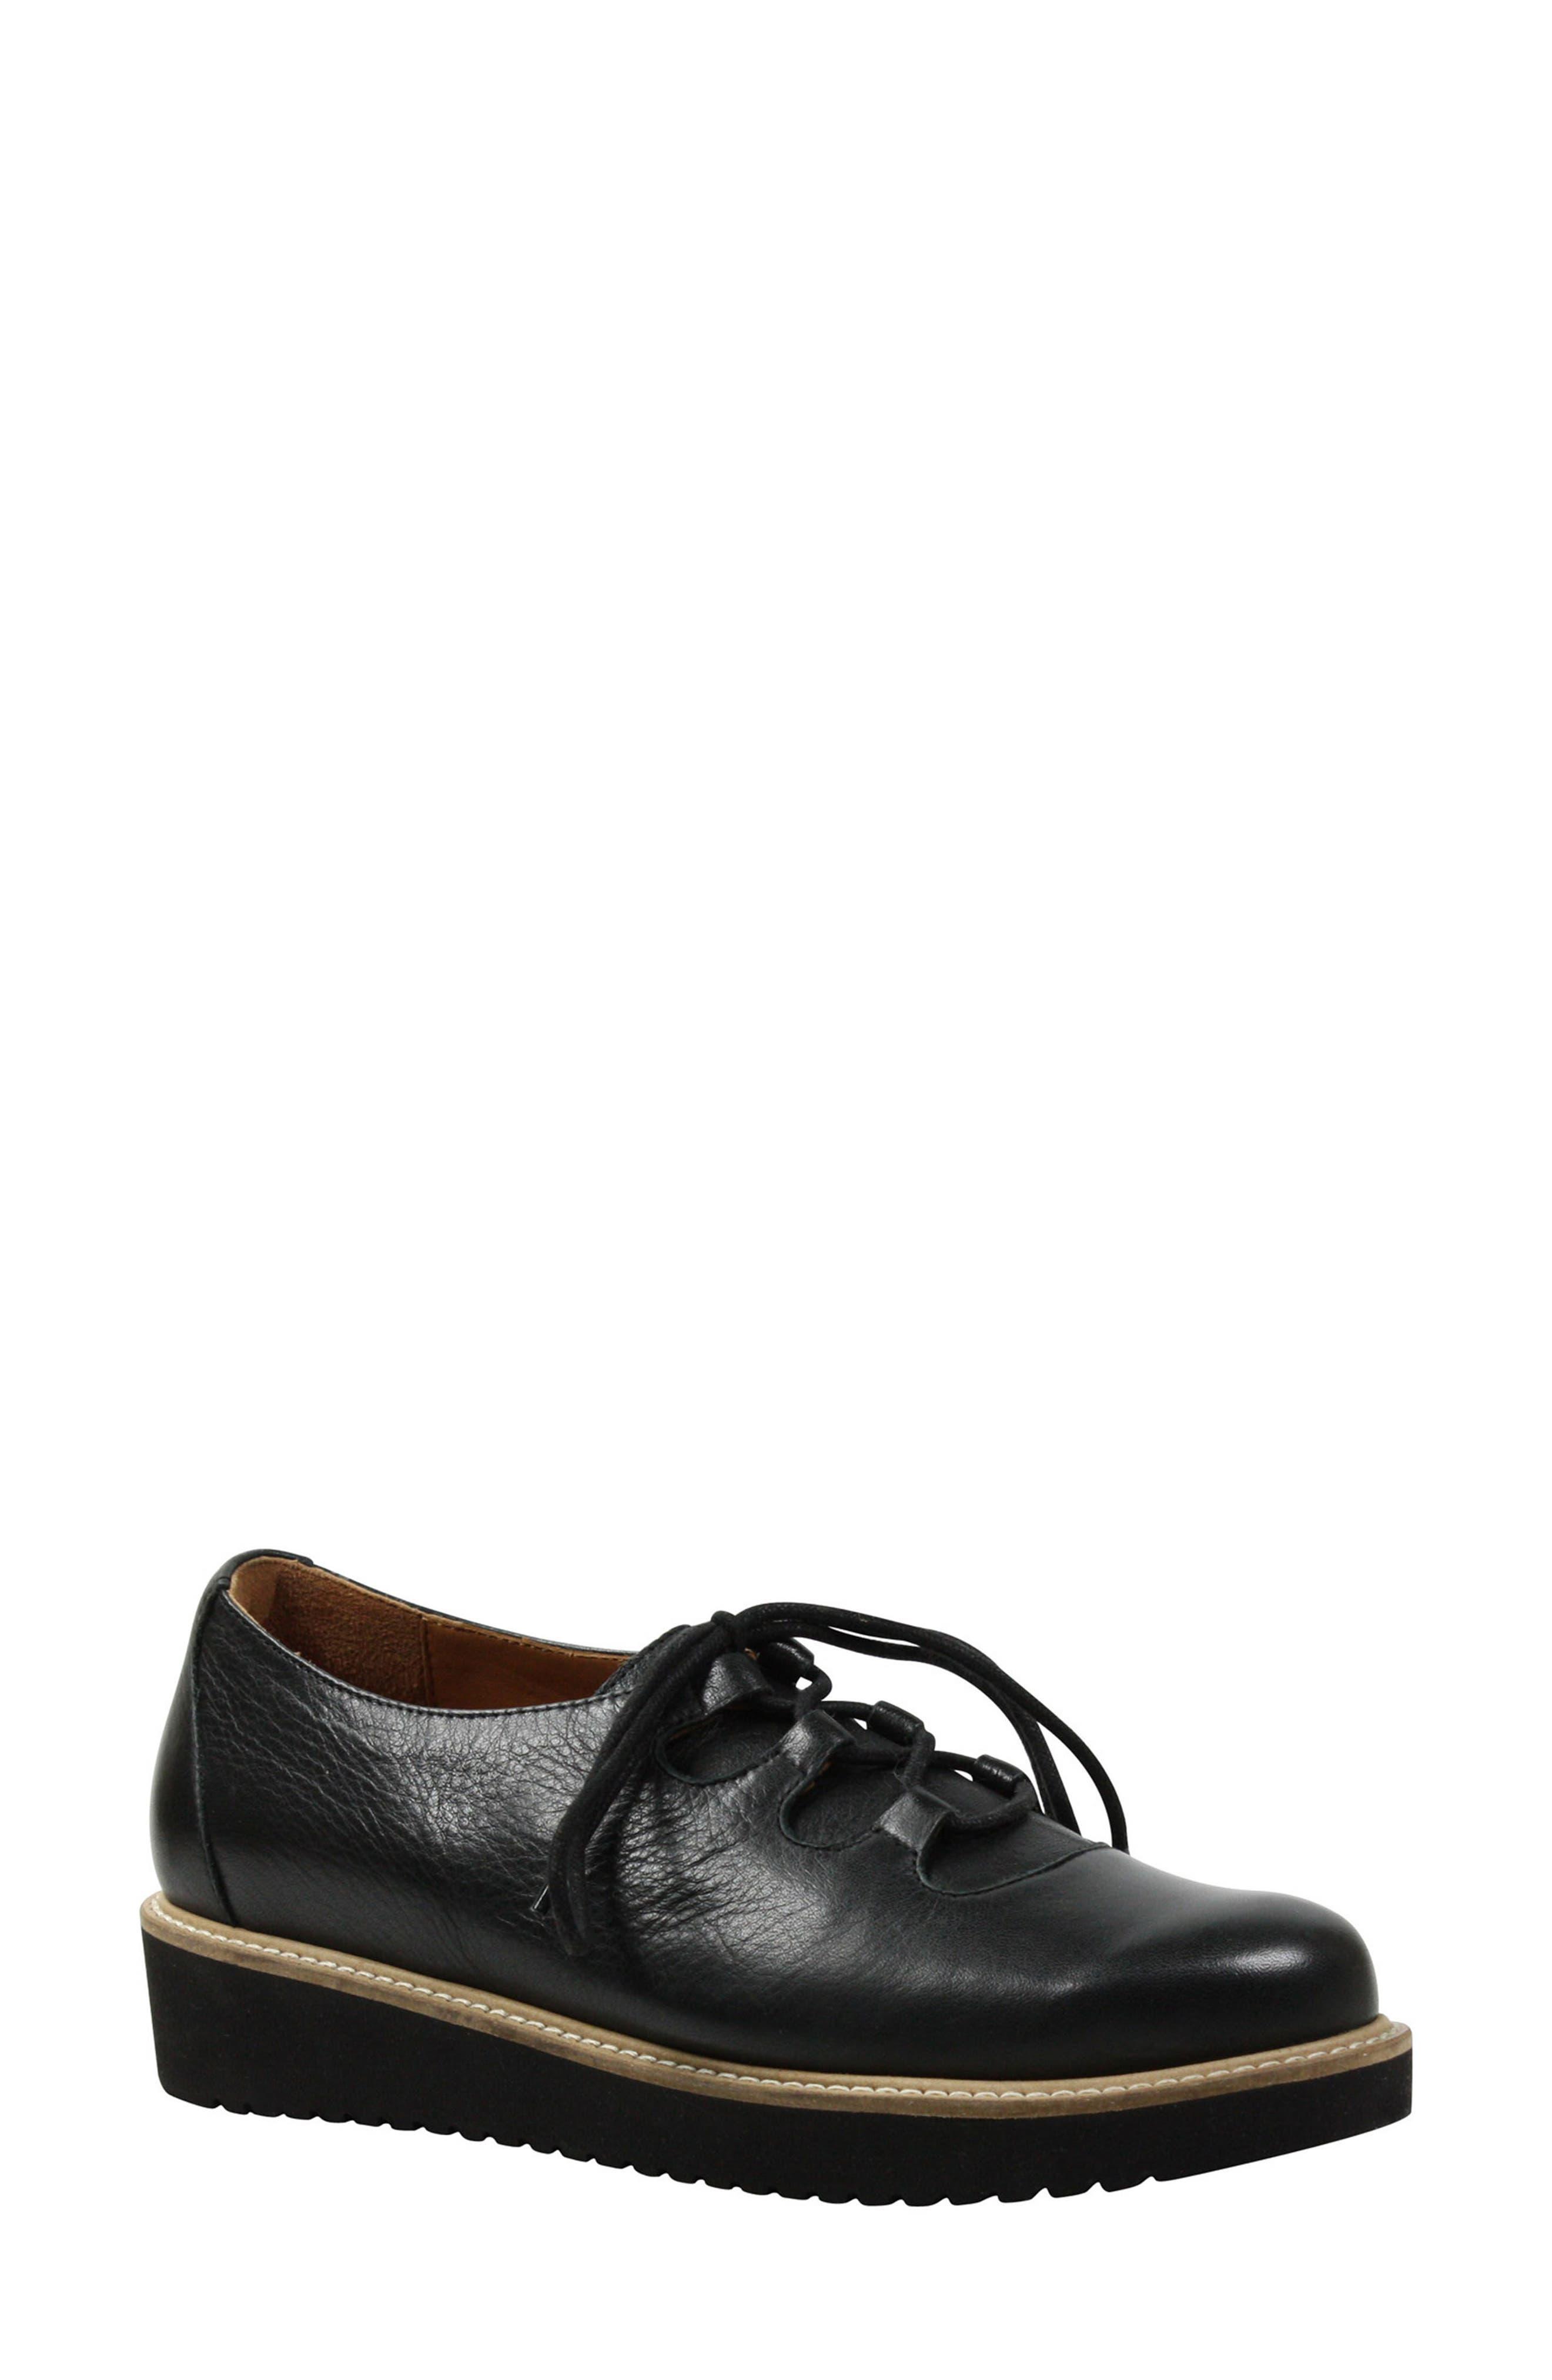 L'AMOUR DES PIEDS Ximena Loafer, Main, color, BLACK LEATHER